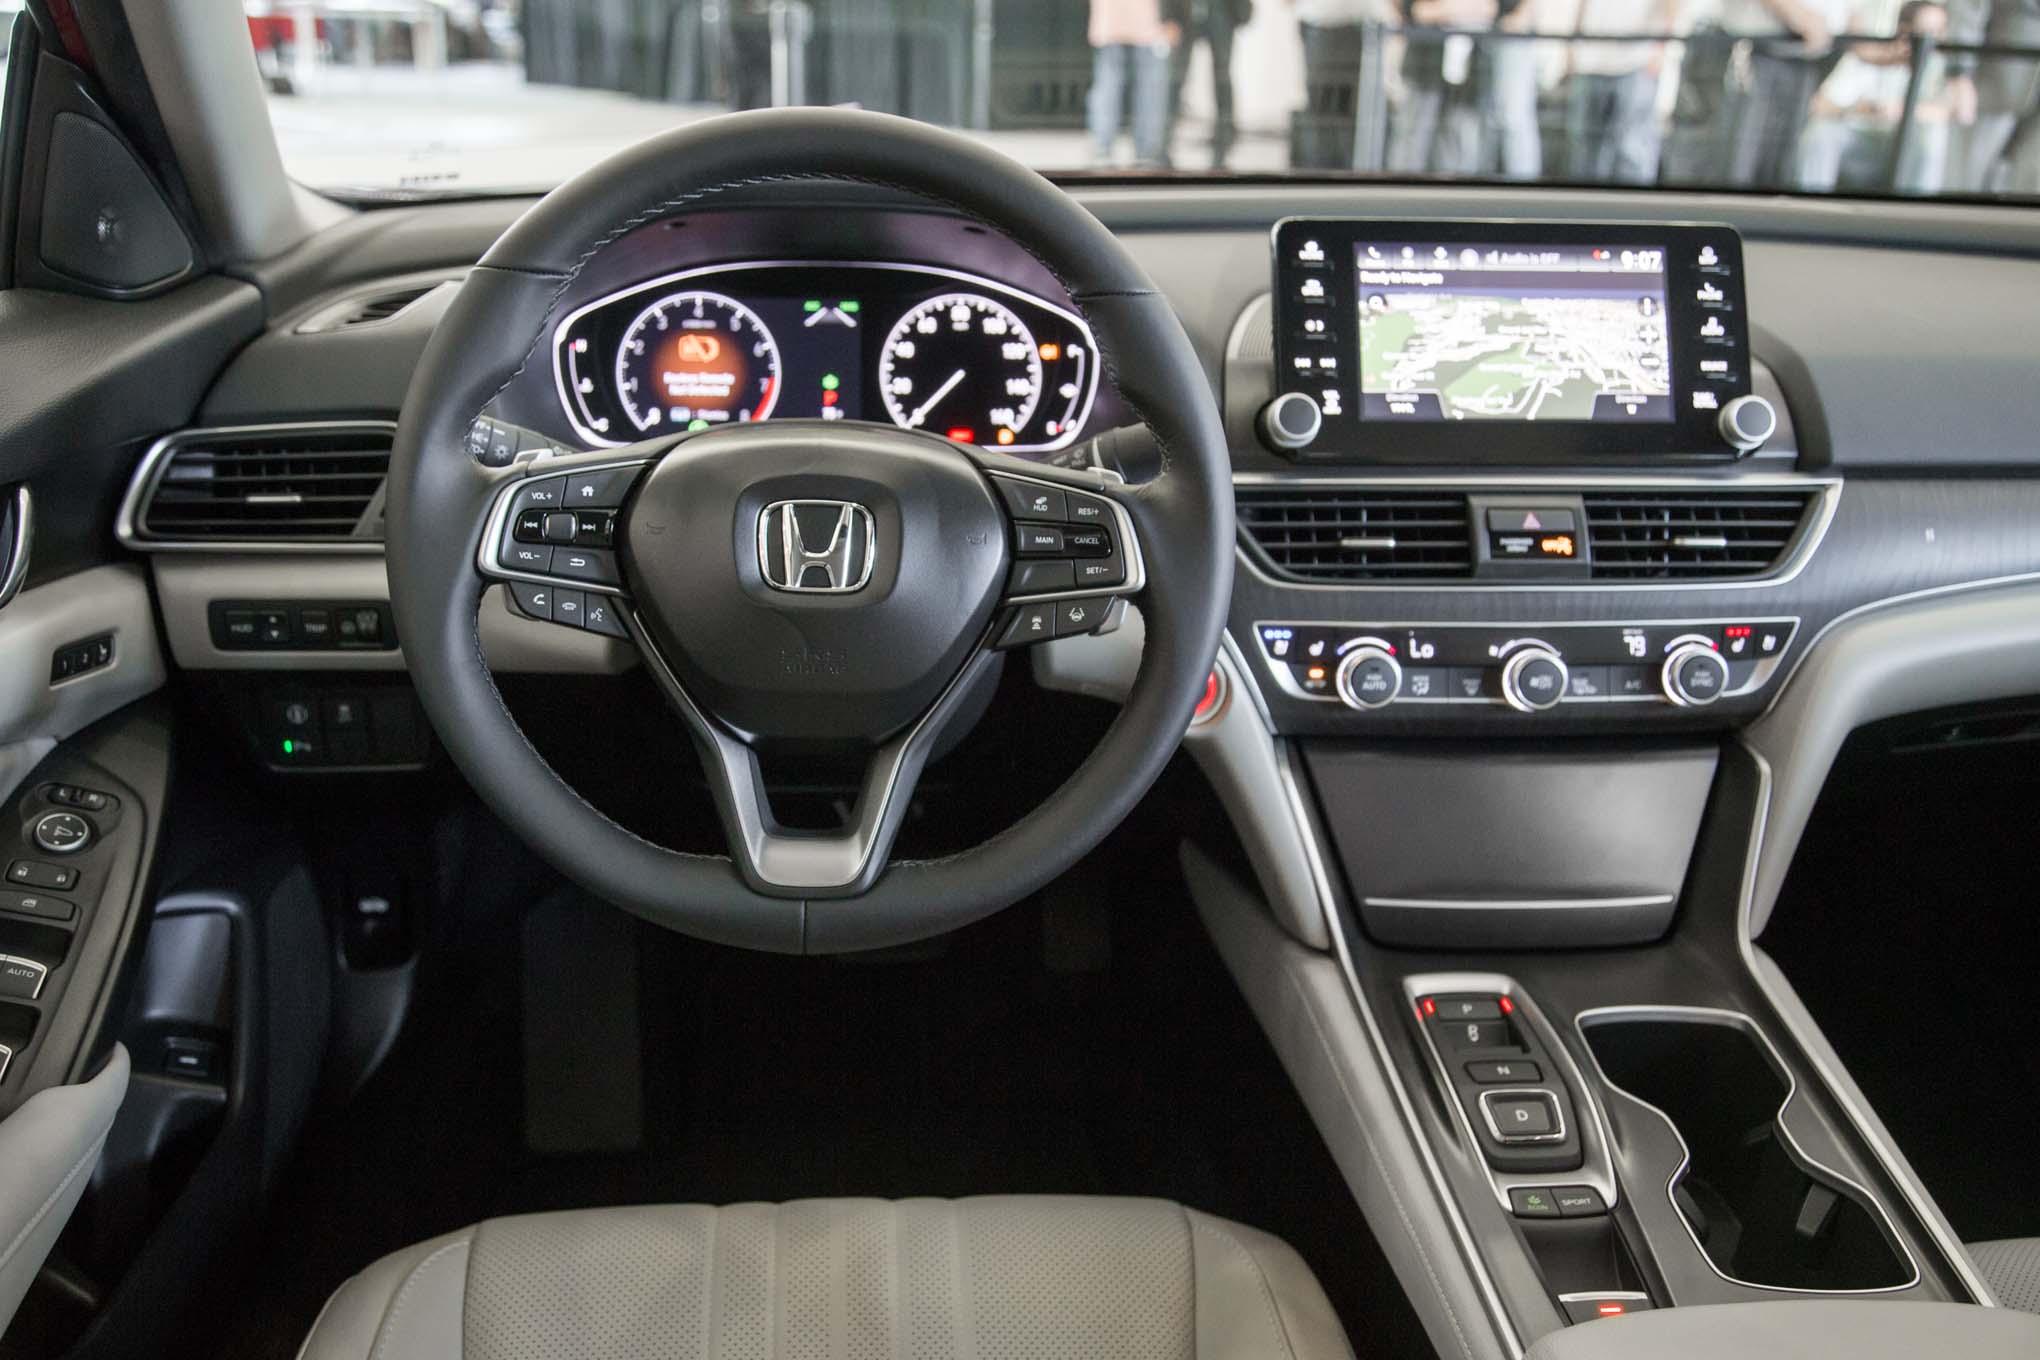 Honda Accord 2018 года: очередной «аккордовский» супер проект!